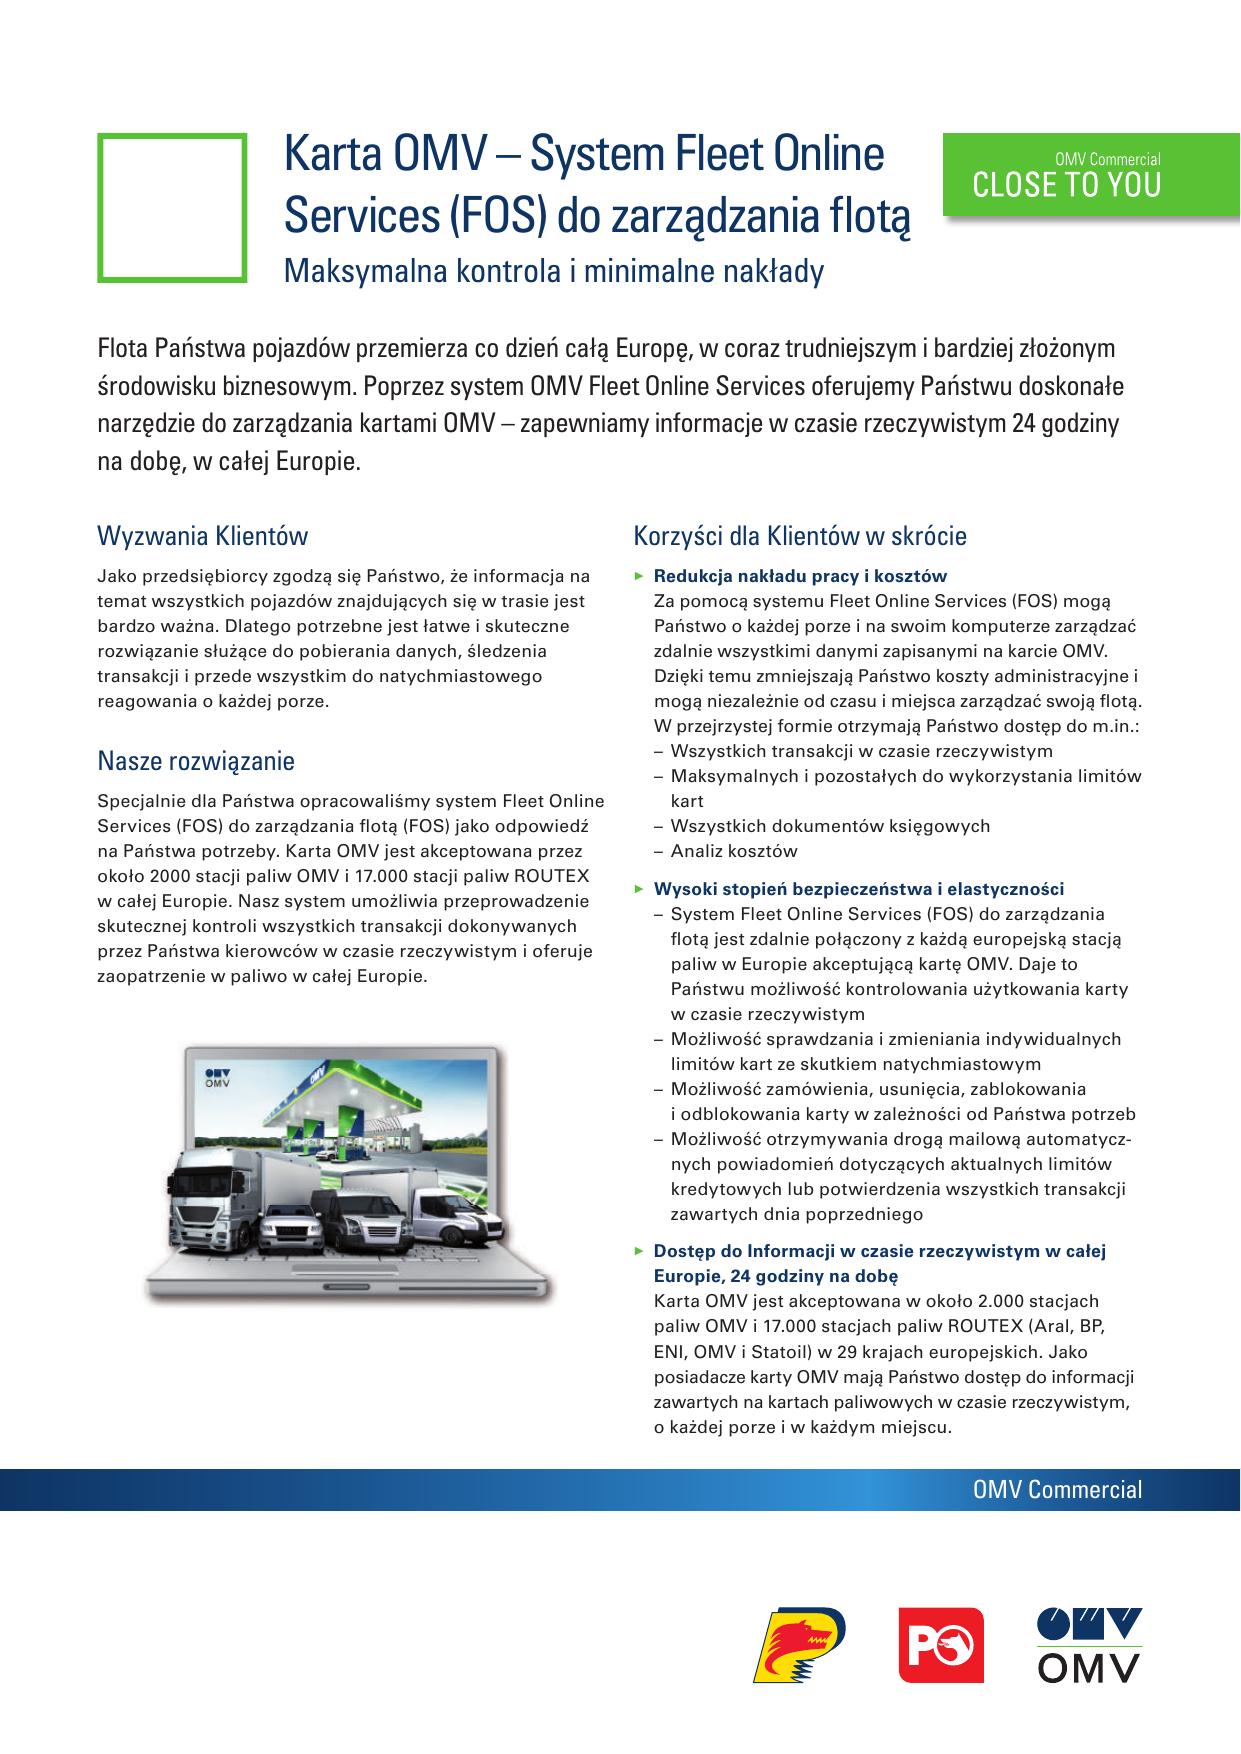 Karta Omv System Fleet Online Services Fos Do